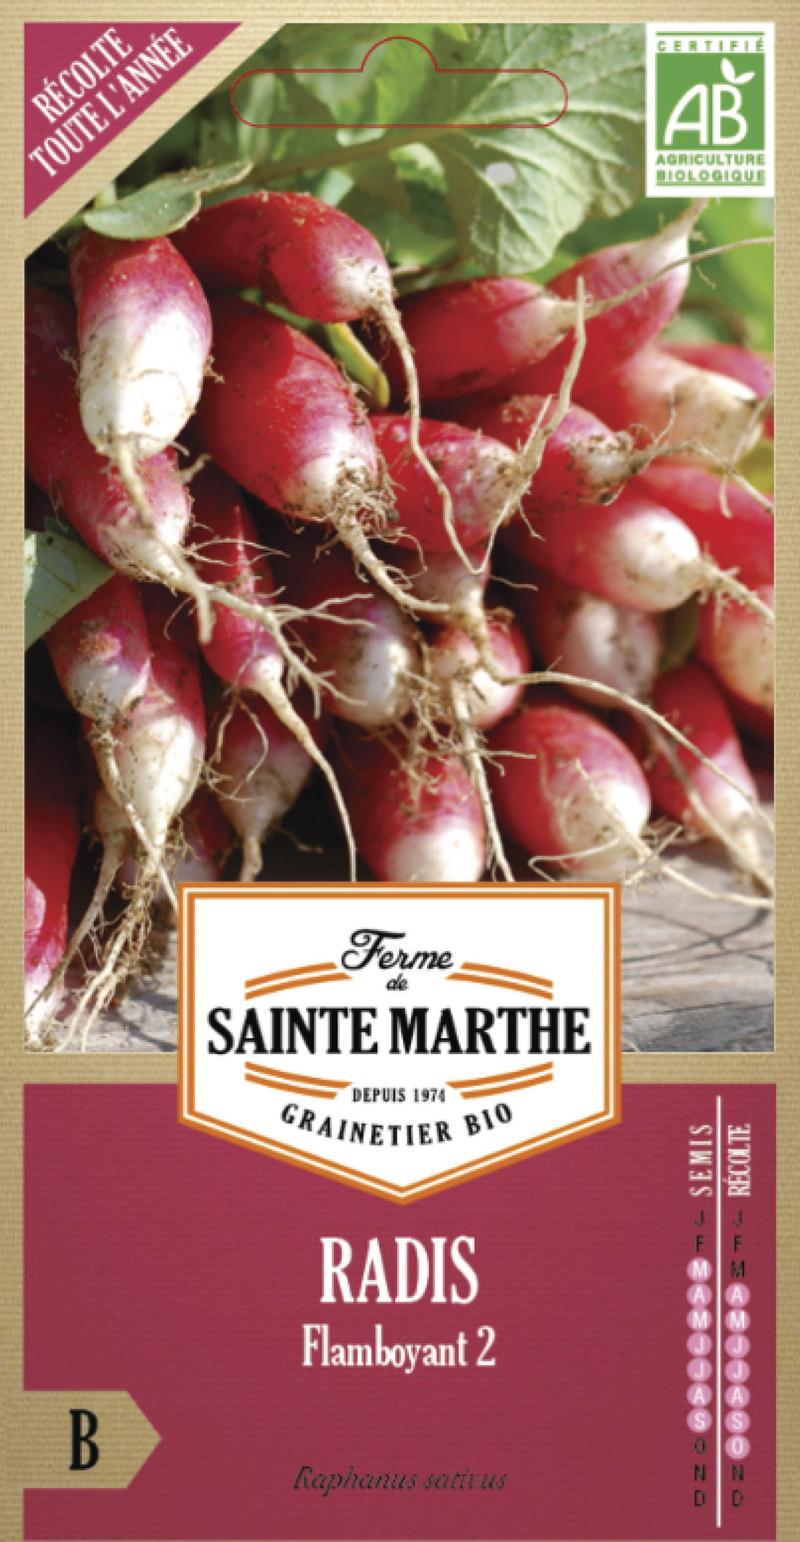 radis flamboyant bio ferme de sainte marthe graine semence potager sachet semis - Voir en grand